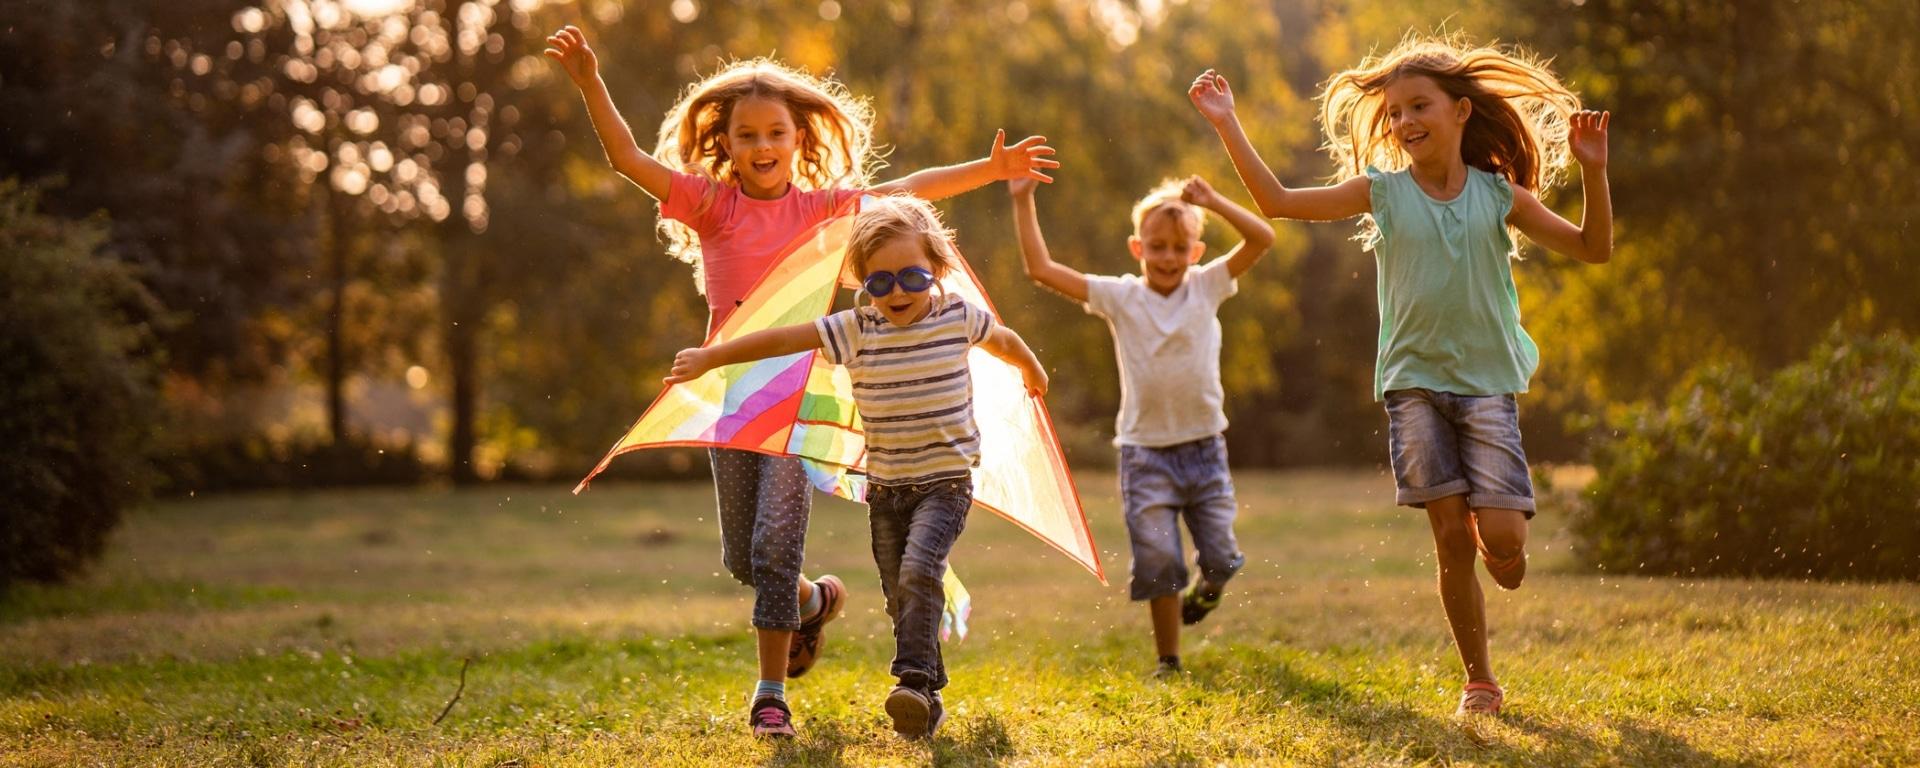 Kinder spielen mit Flugdrachen